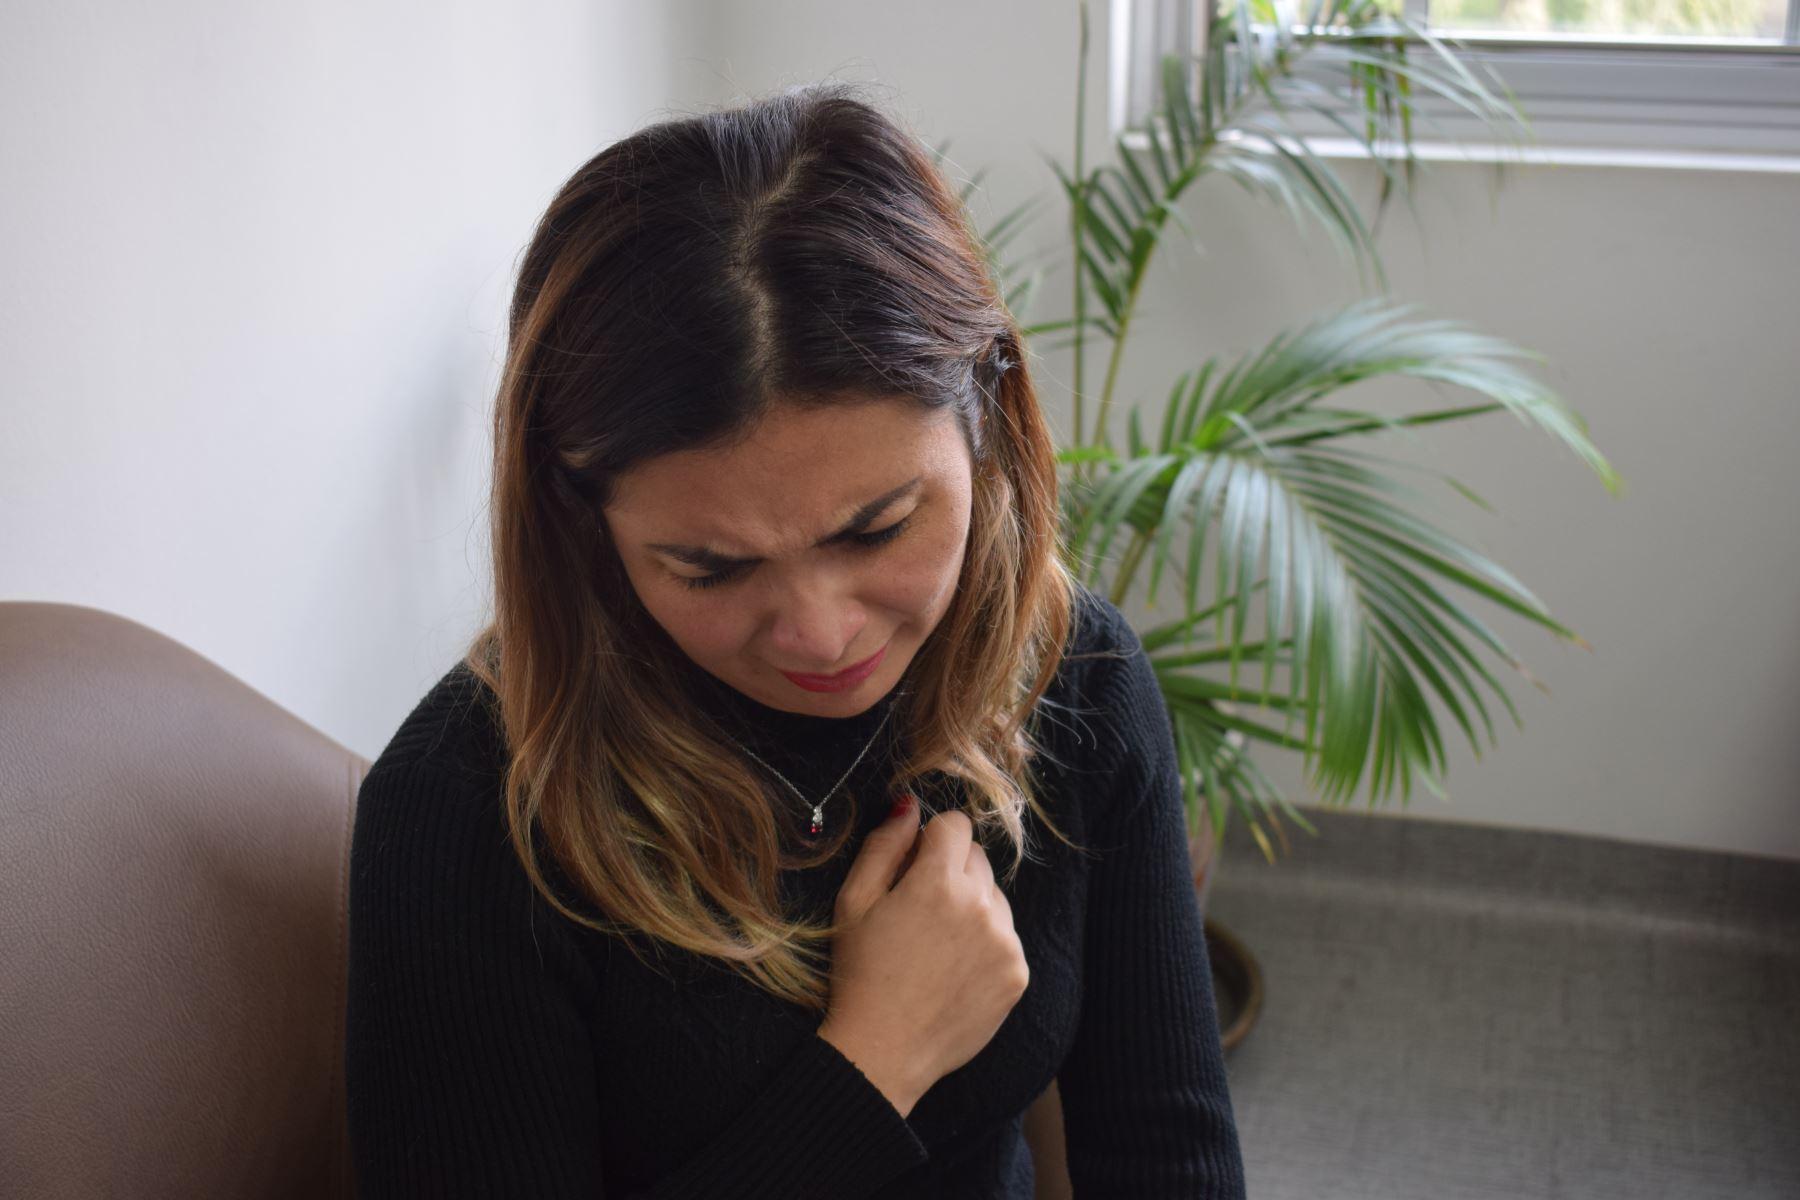 Síndrome se desarrolla por un estrés emocional severo producido por factores como la pérdida inesperada de un ser querido, vivir en confinamiento largo tiempo e incluso por un divorcio o separación. Foto: ANDINA/EsSalud.